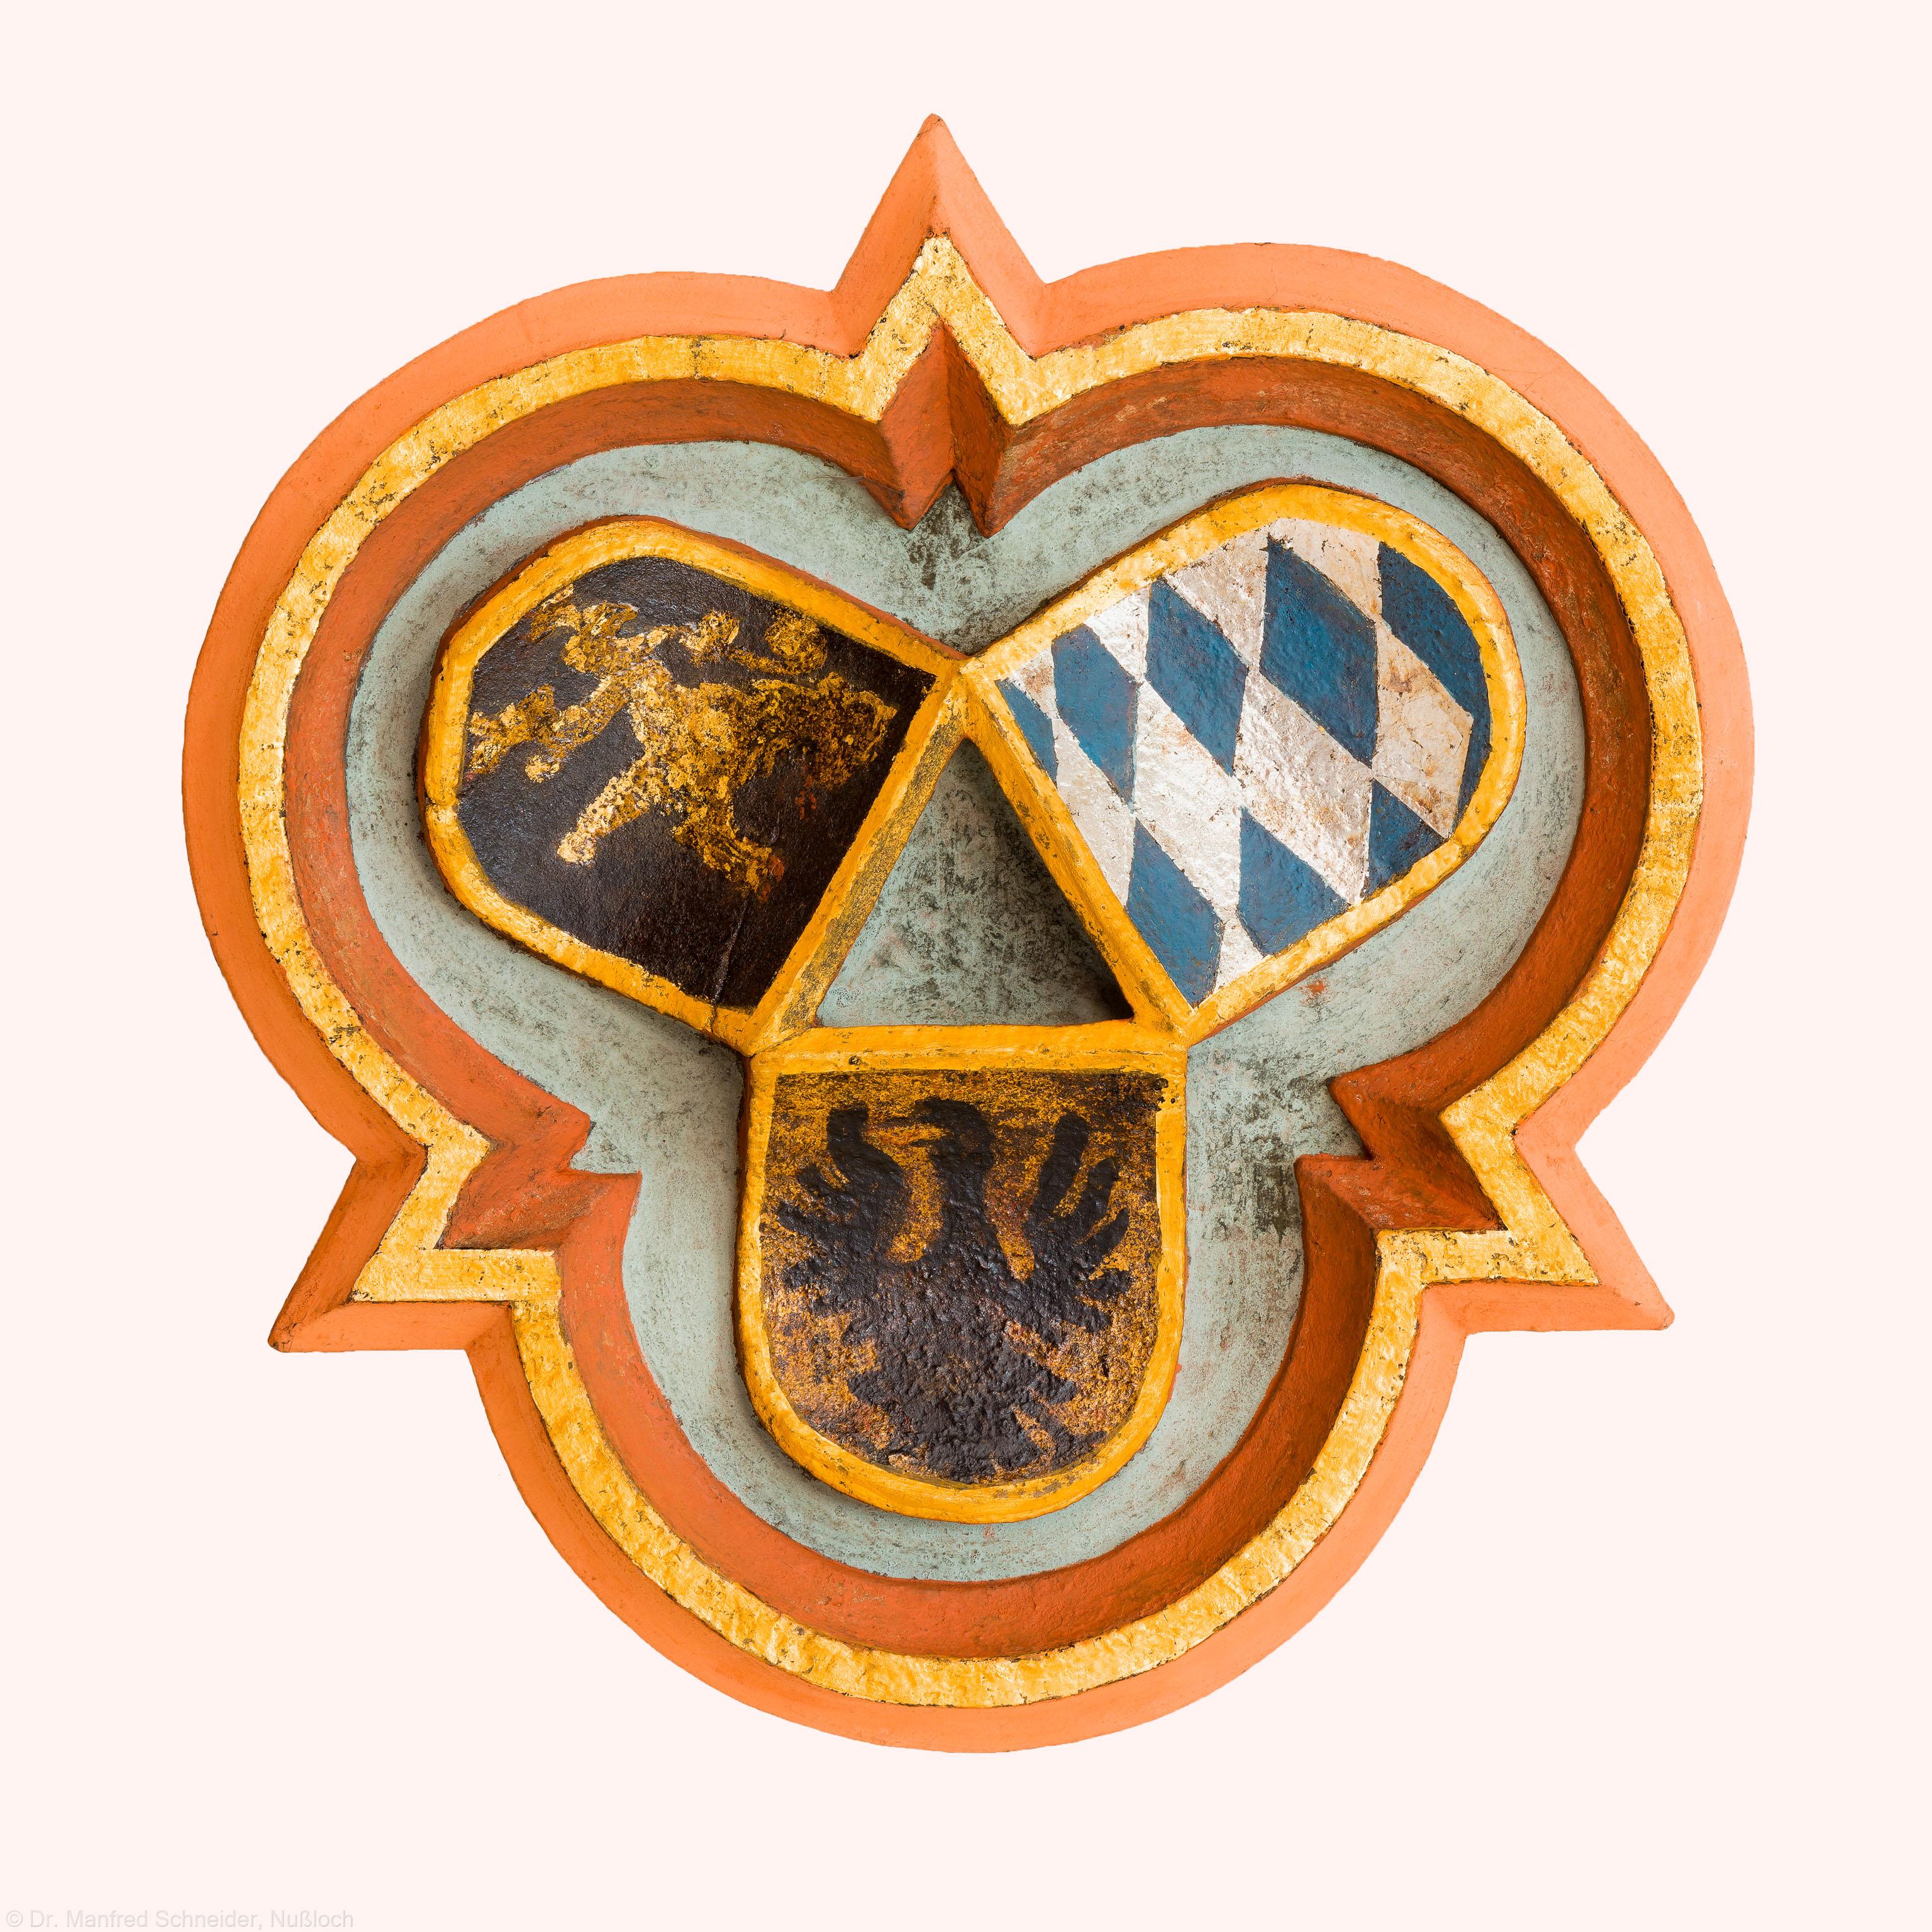 Heidelberg - Heiliggeistkirche - Südempore - Schlußstein, 6. Joch, von Westen aus gezählt (aufgenommen im Mai 2015, um die Mittagszeit)